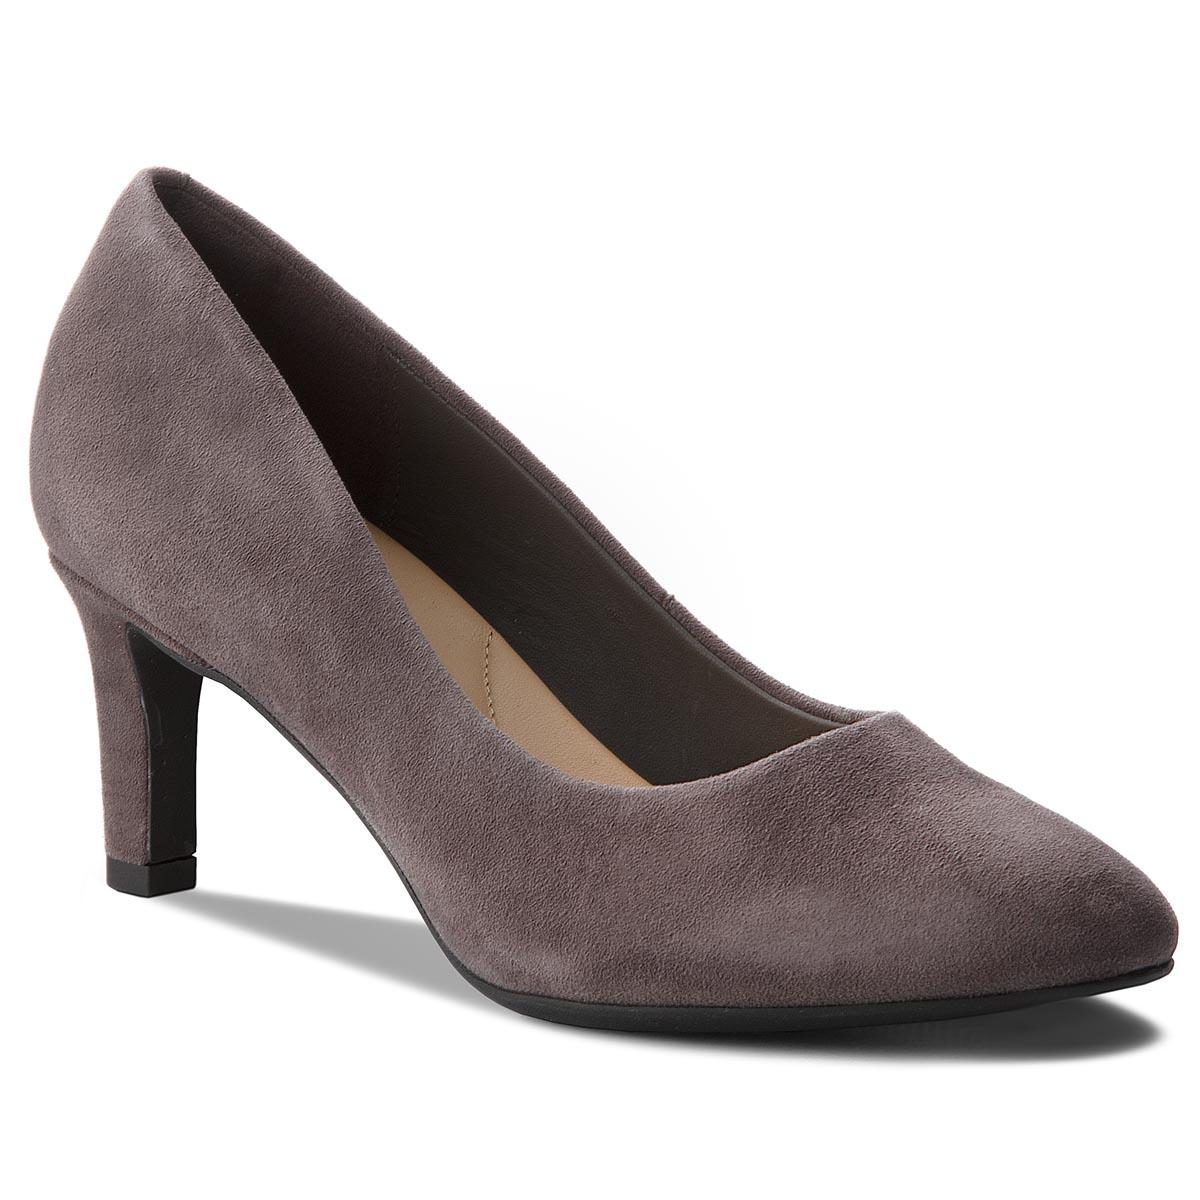 Κλειστά παπούτσια CLARKS - Calla Rose 261360484 Dark Grey Suede ... 1afa8b45729